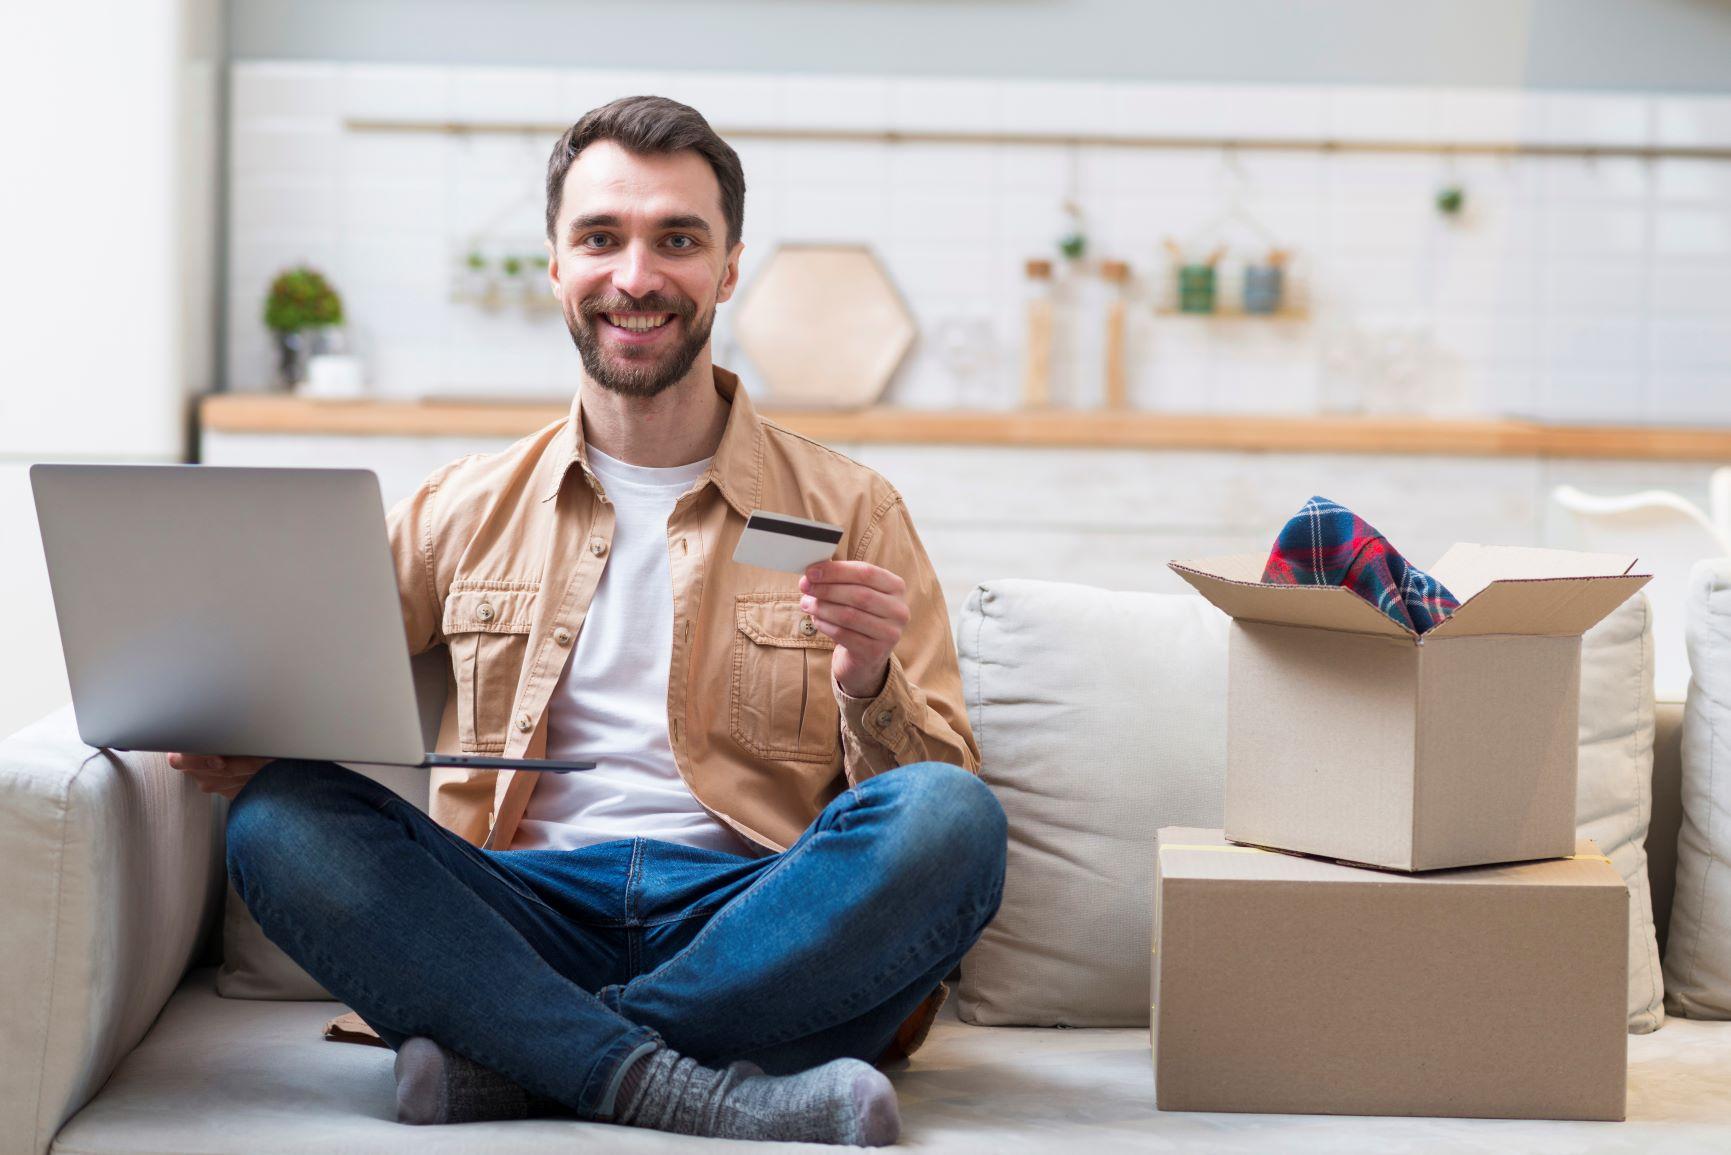 5 Factores que impulsan la compra online